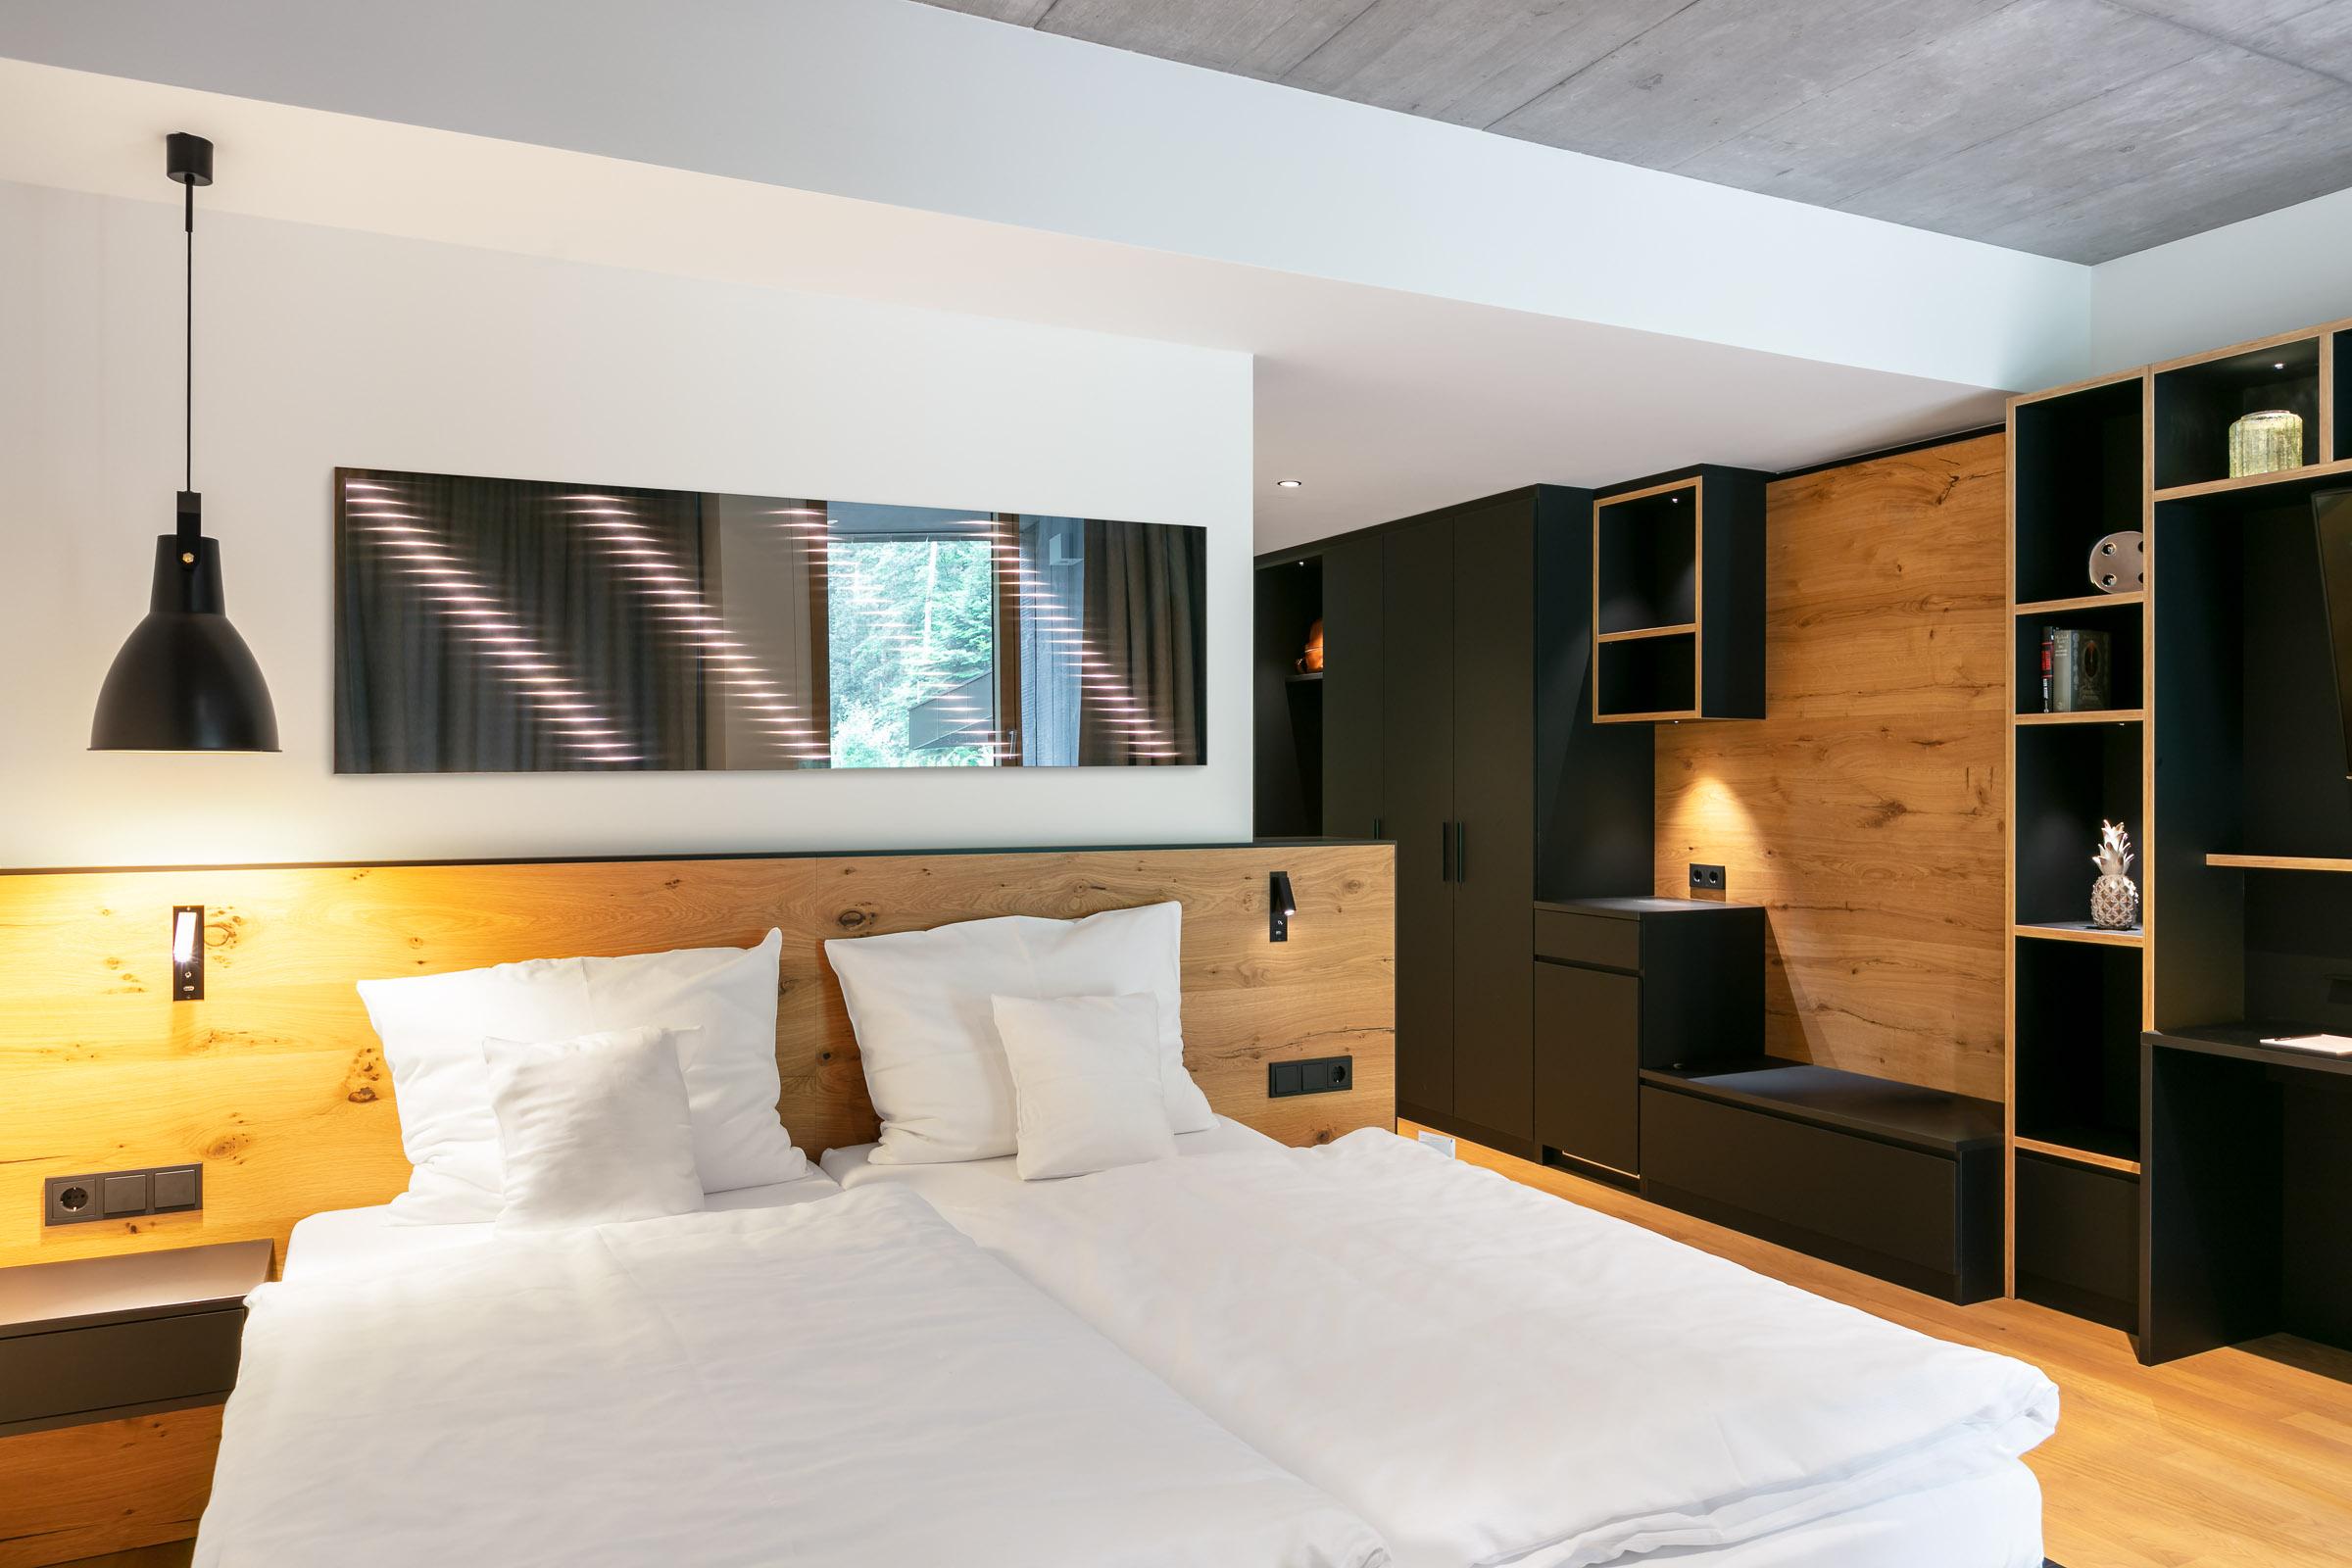 Wandspiegel über Bett im Hotelzimmer hinterleuchtet